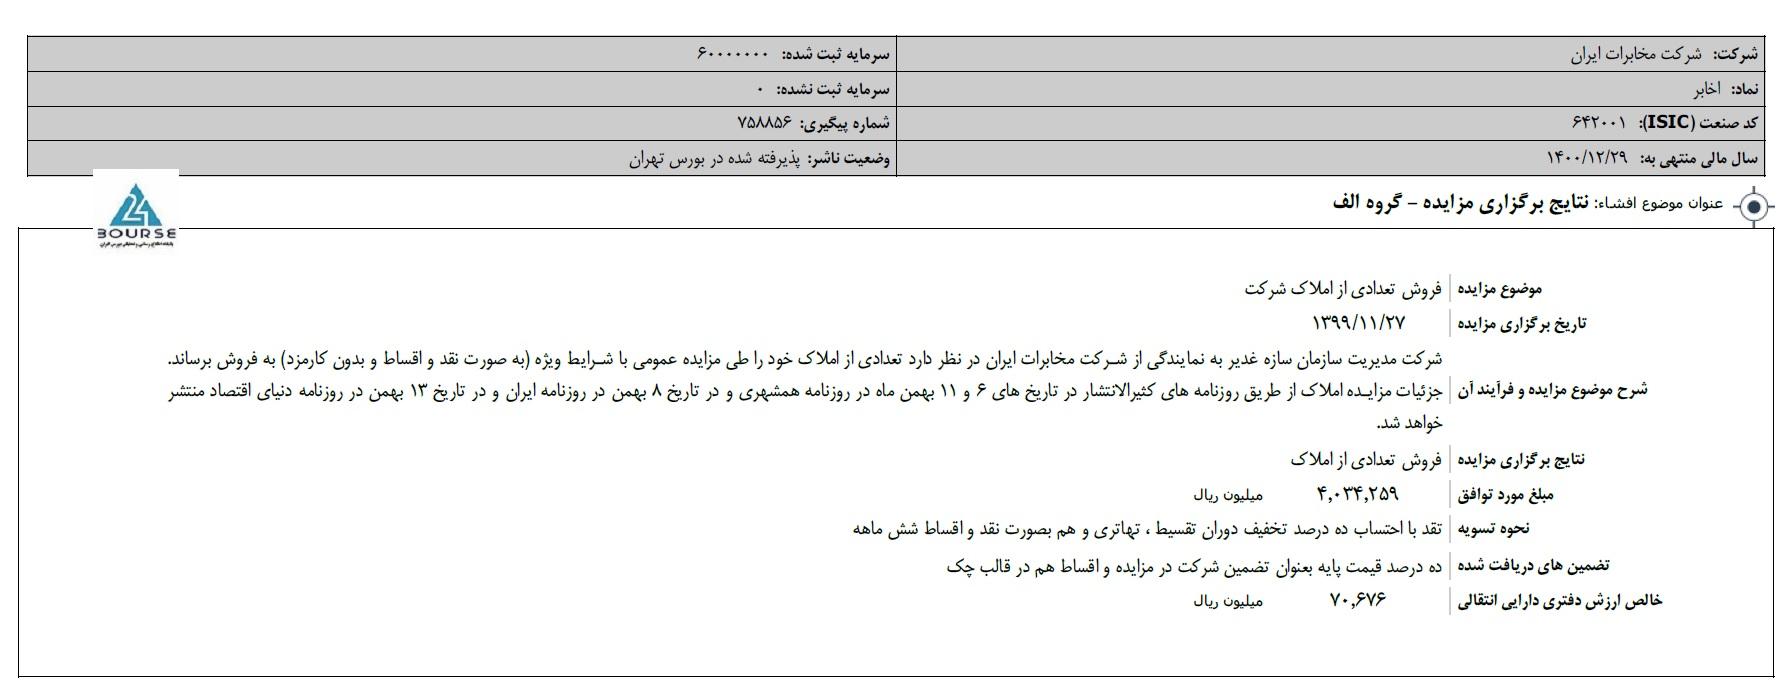 مخابرات ایران از نتیجه برگزاری مزایده گفت